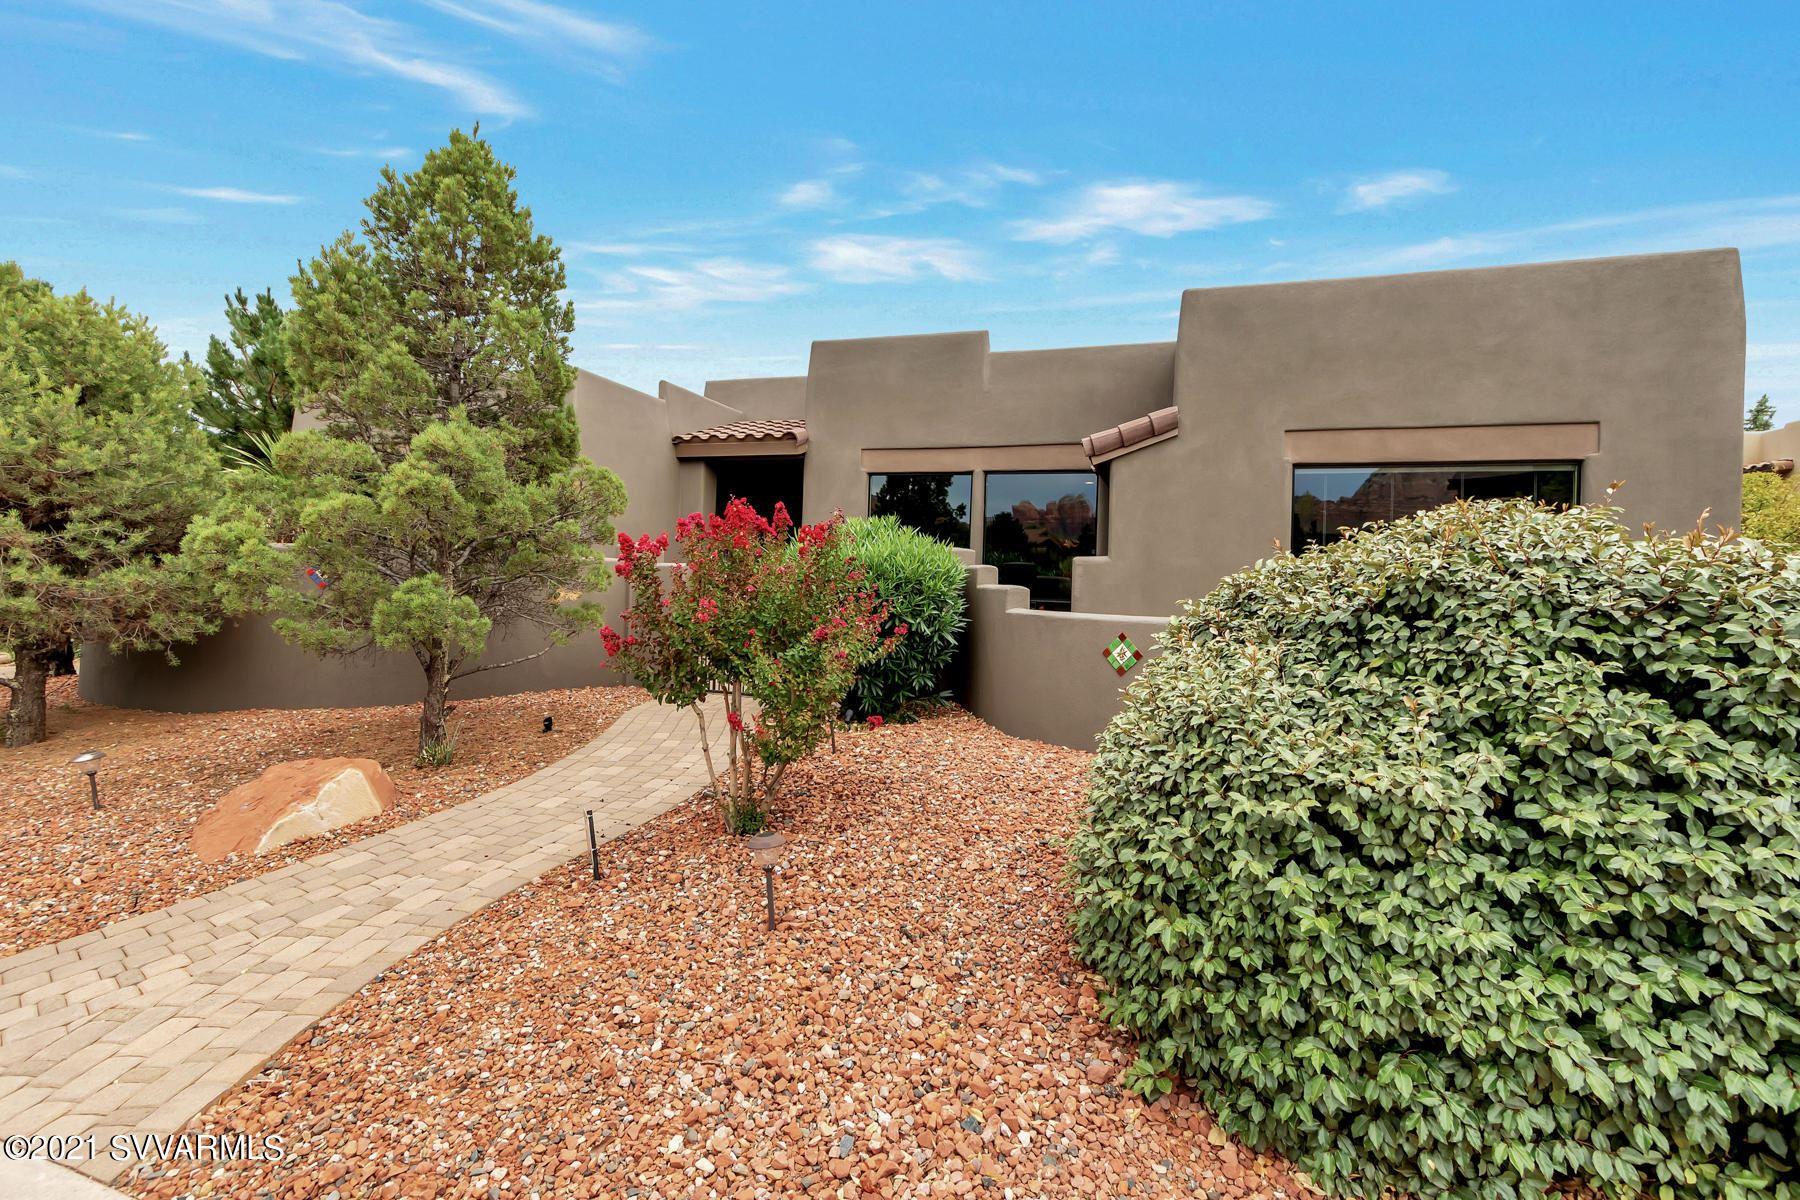 Photo of 2025 Whippet Way, Sedona, AZ 86336 (MLS # 527226)